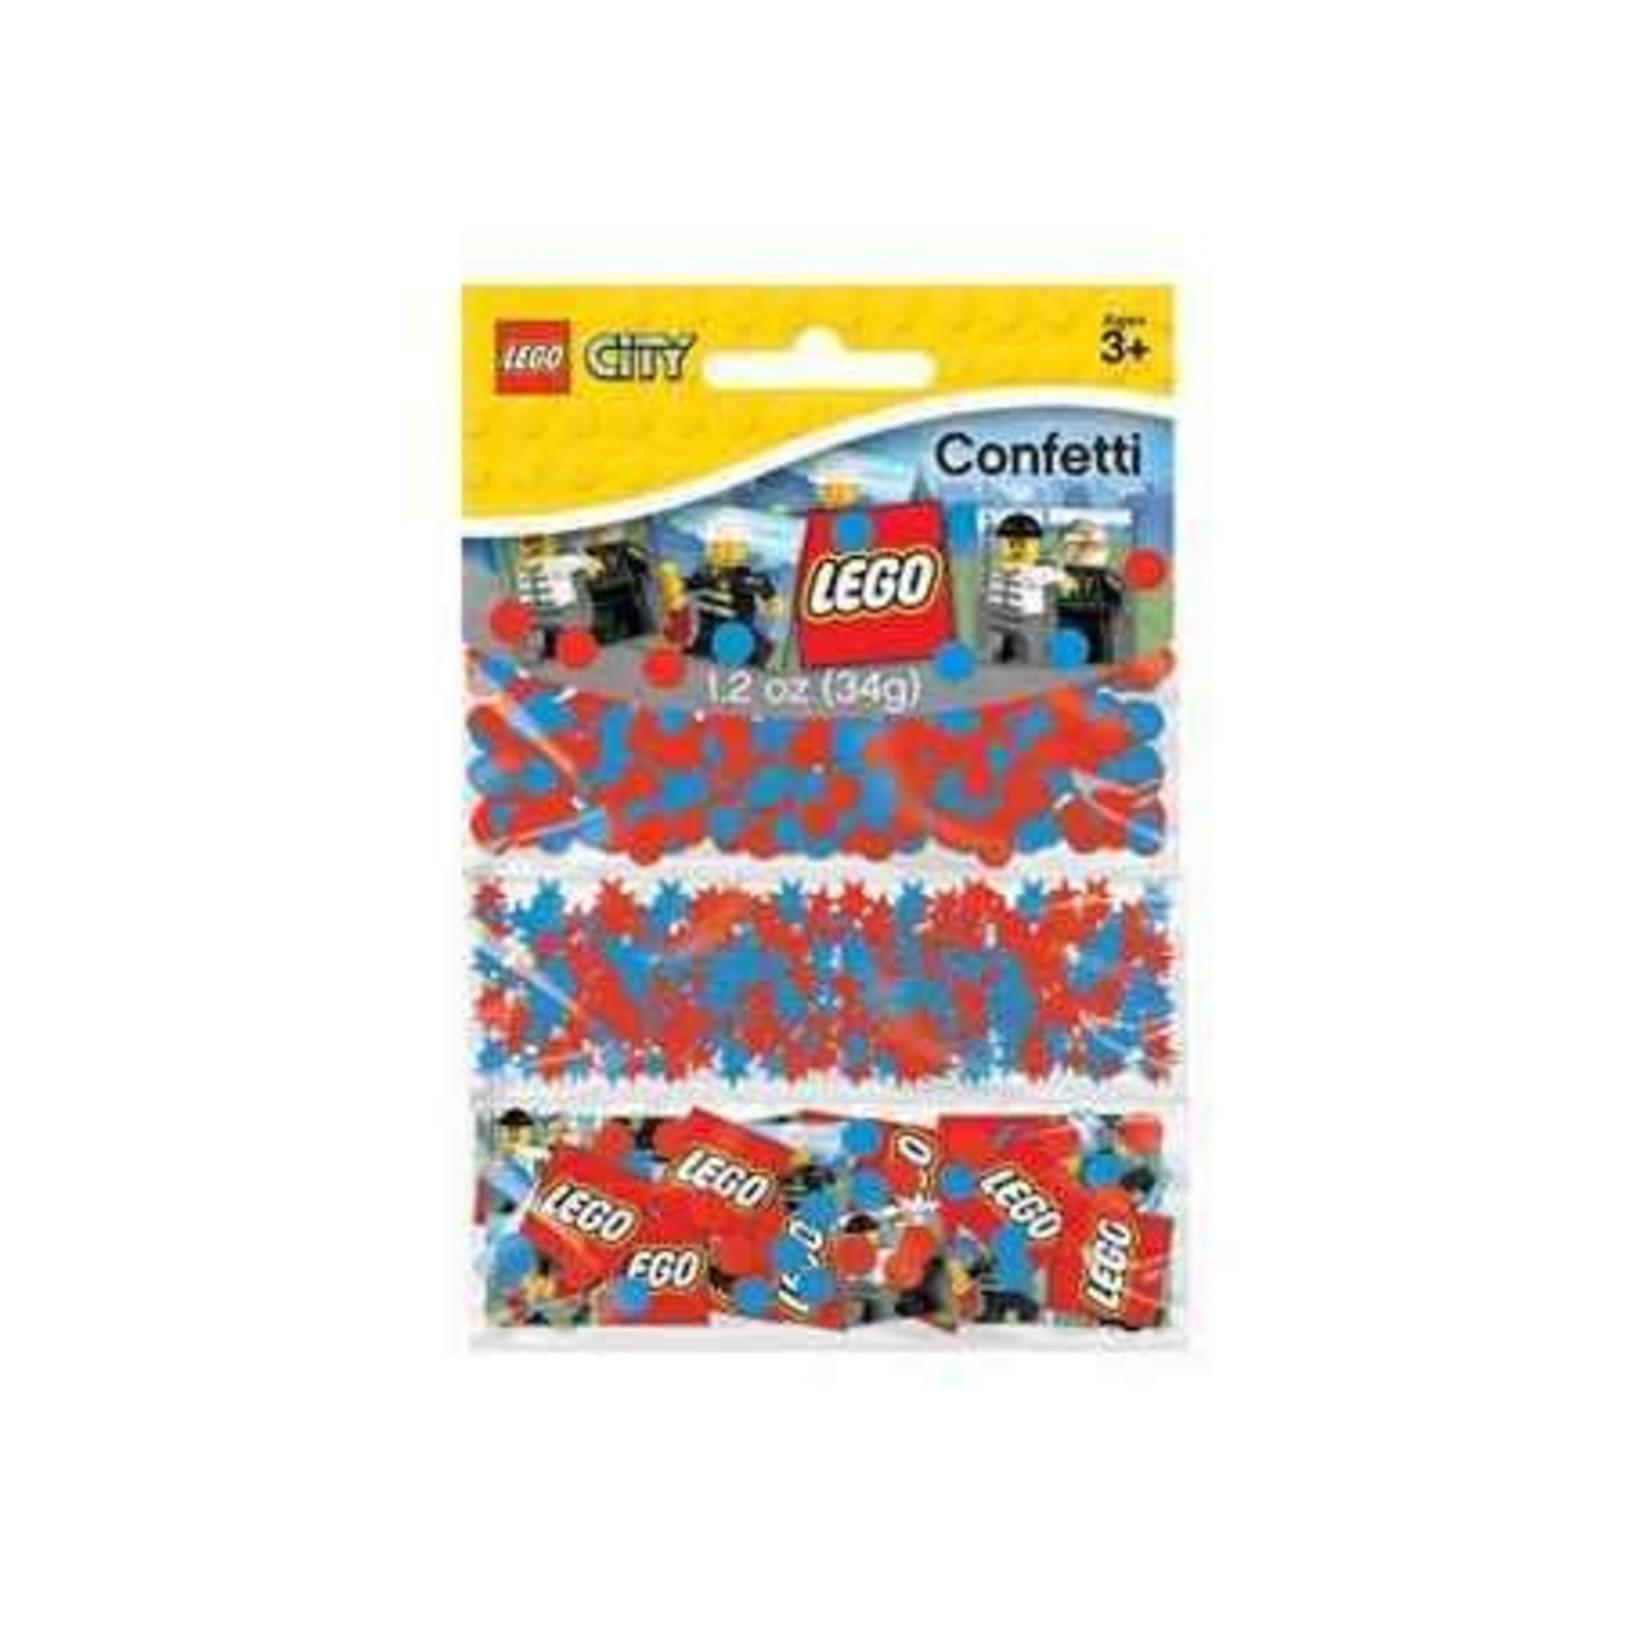 Amscan CONFETTIS LEGO